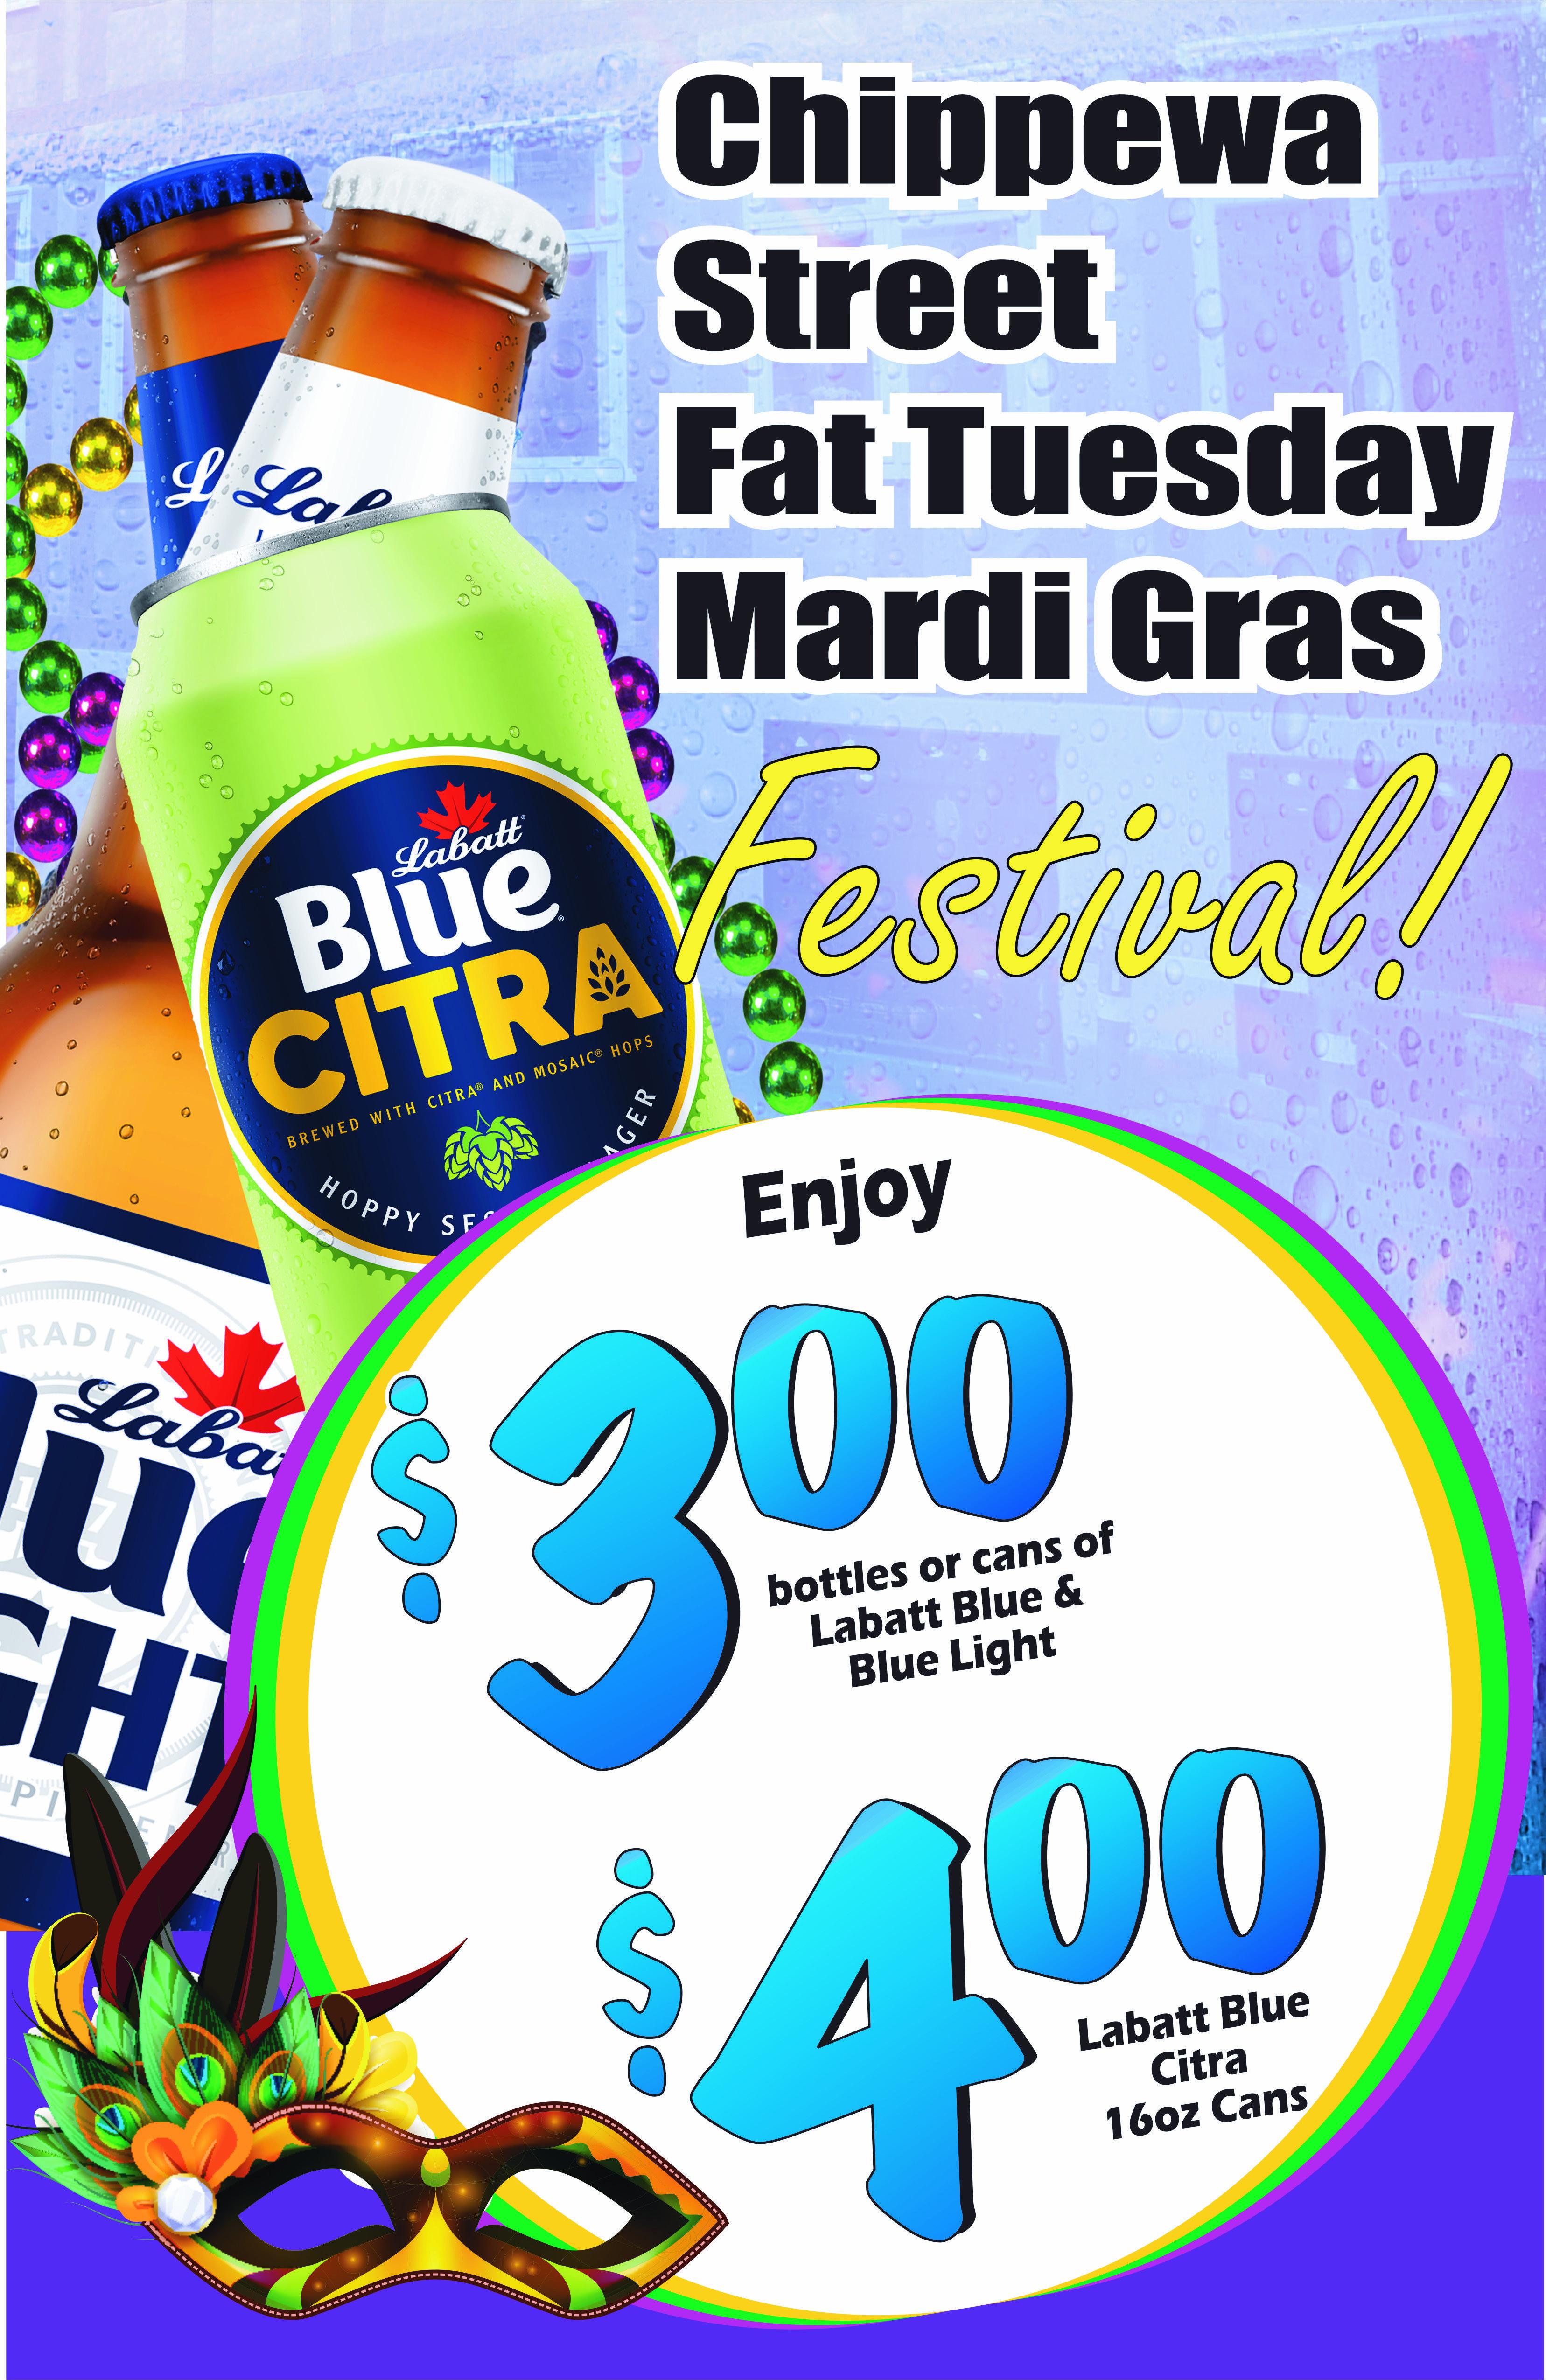 Chippewa St. Fat Tuesday Mardi Gras Fest